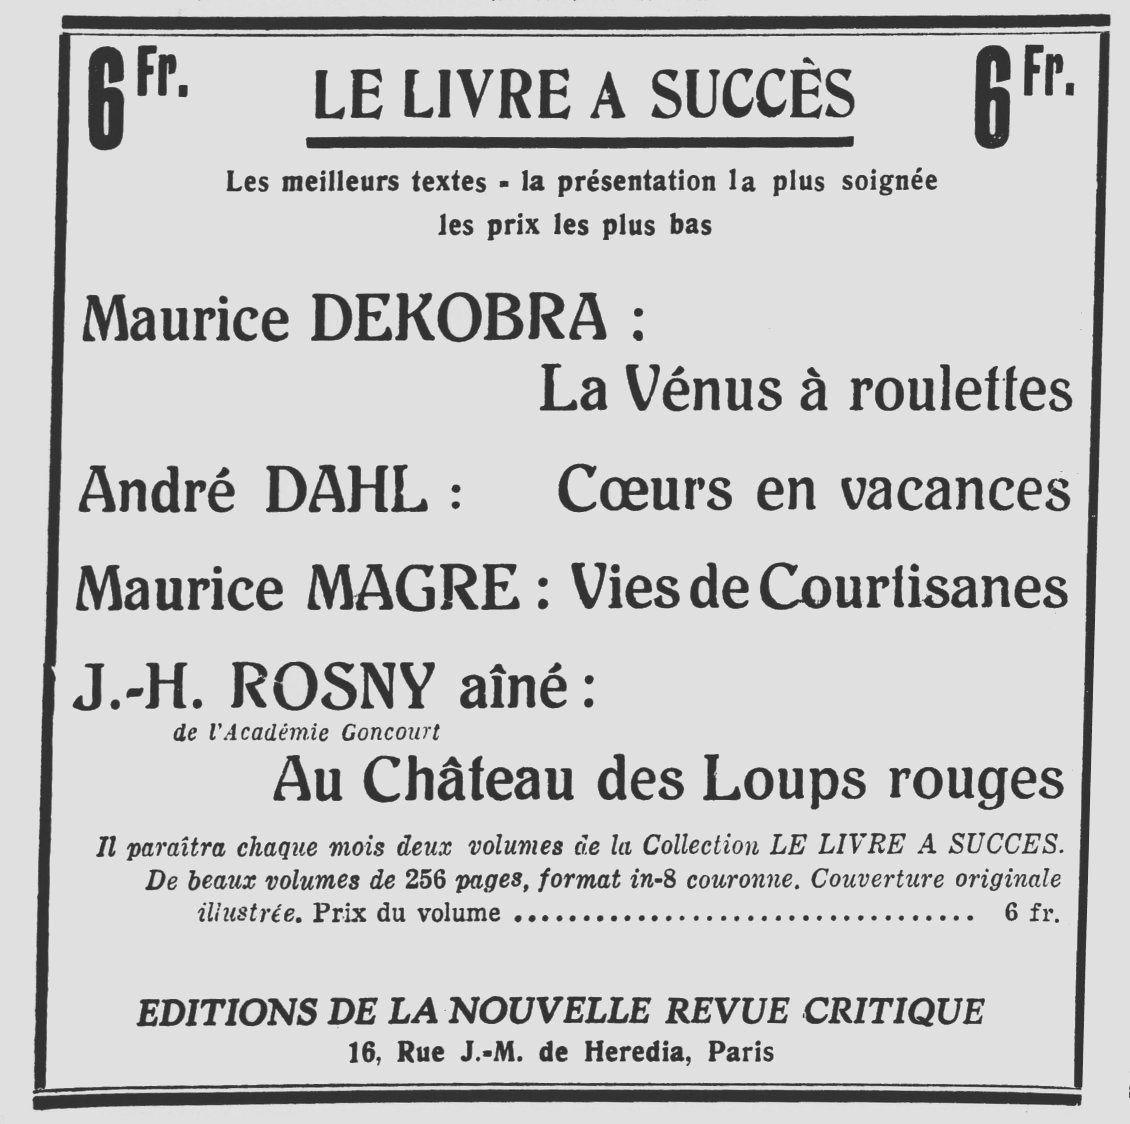 """Publicité : J.-H. Rosny aîné """"Au Château des loups rouges"""" (Nouvelle Revue Critique - 1931)"""